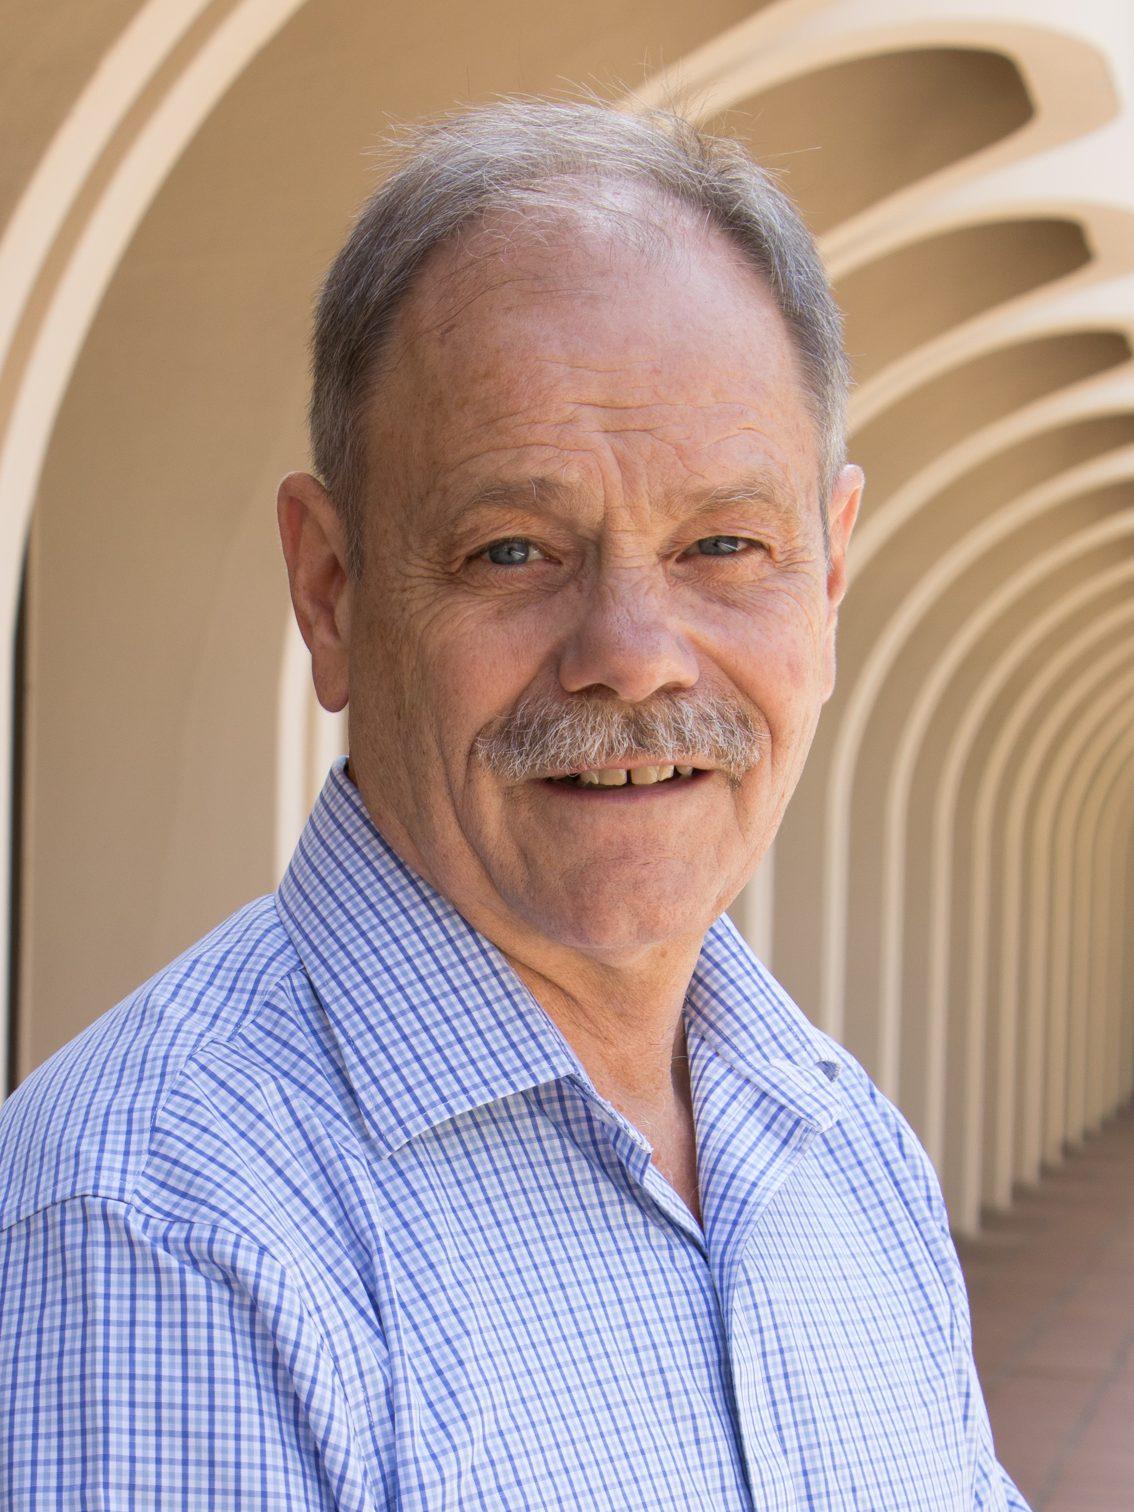 R. Michael Mulligan